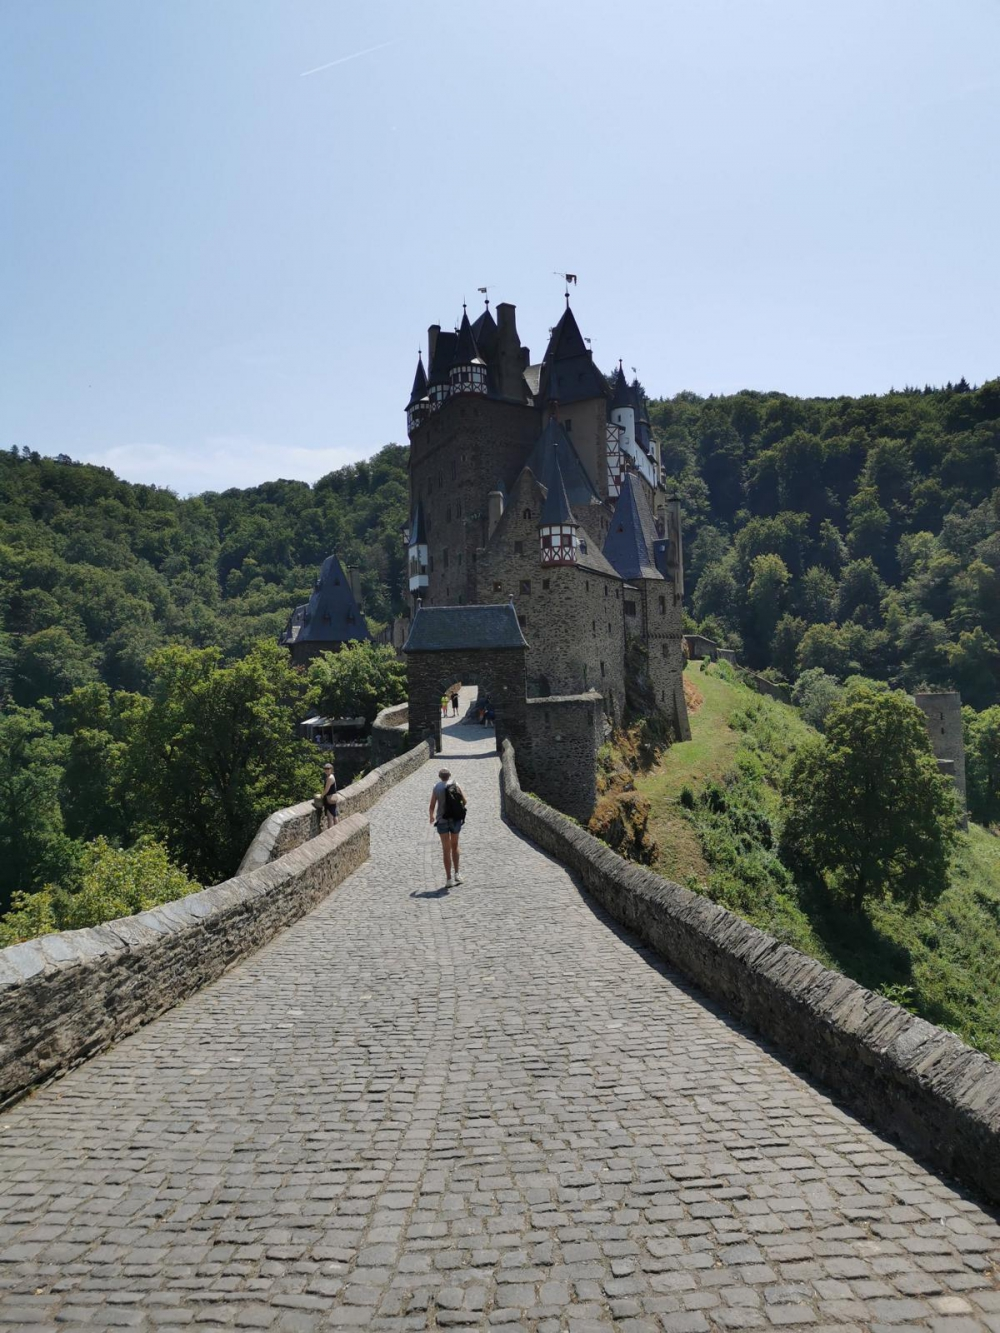 Machen Sie einen Ausflug zur Burg Eltz